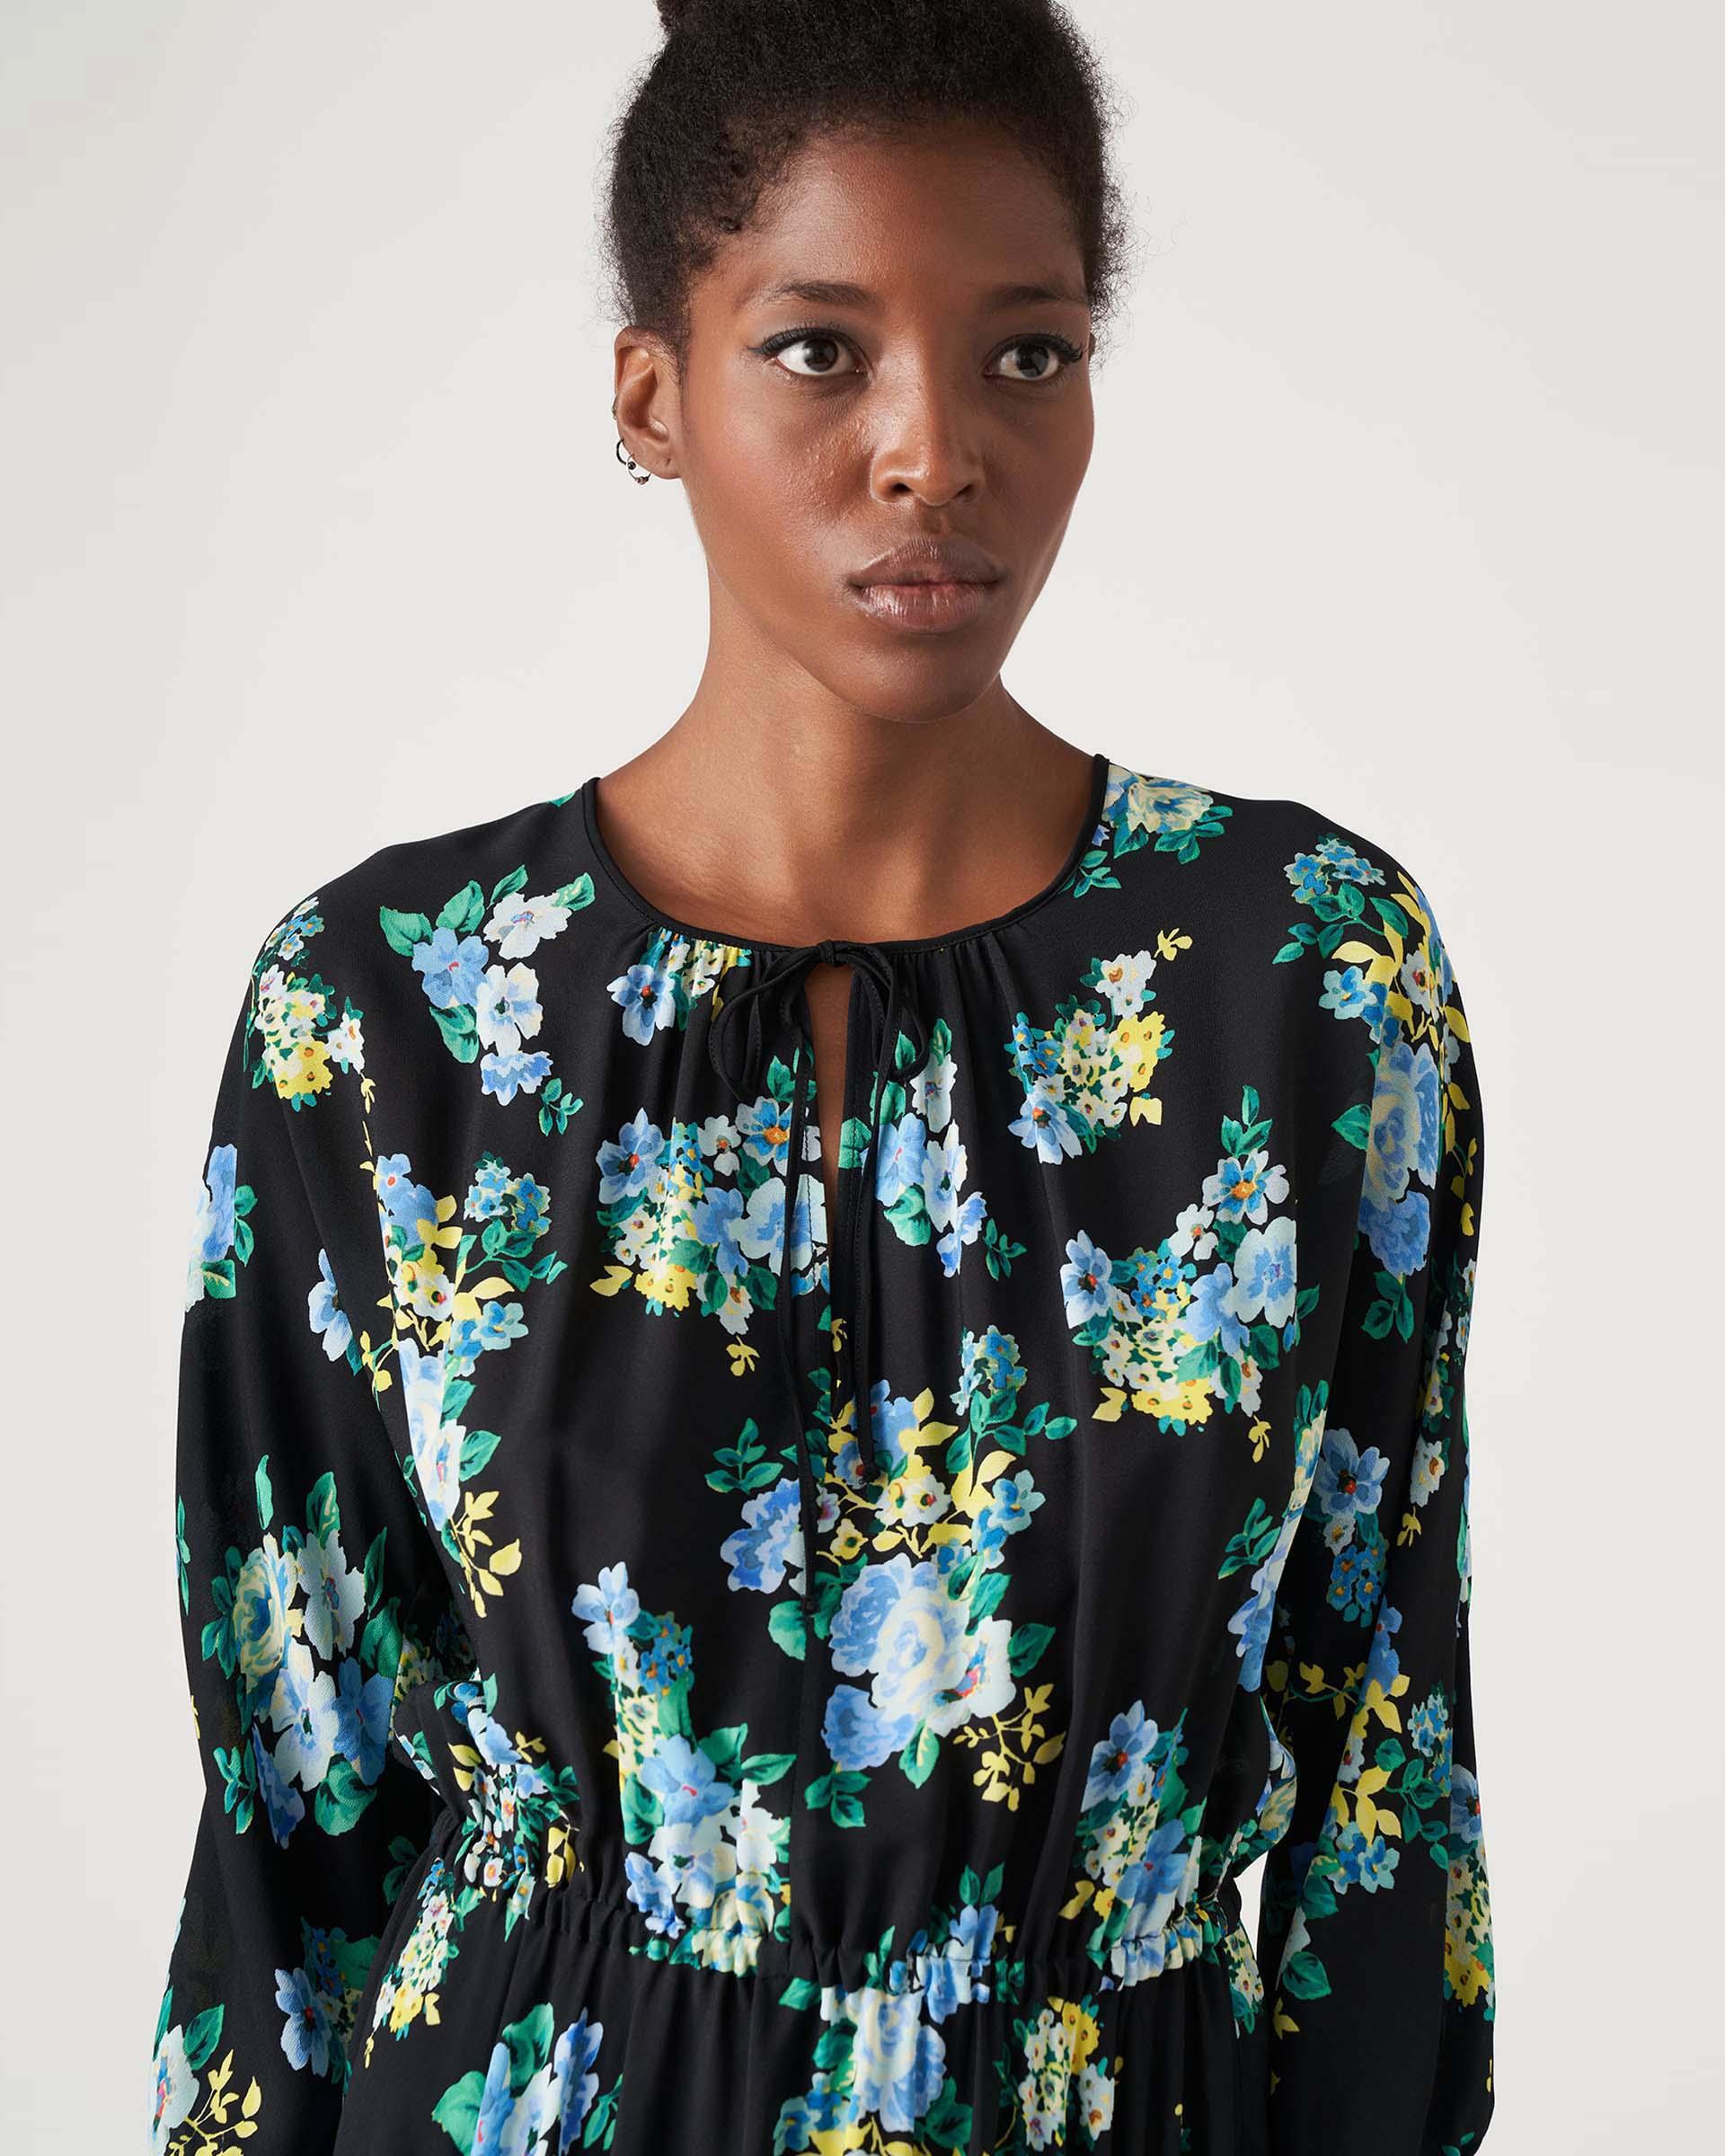 Short dress in floral patterned crepe JUCCA |  | J3317021003